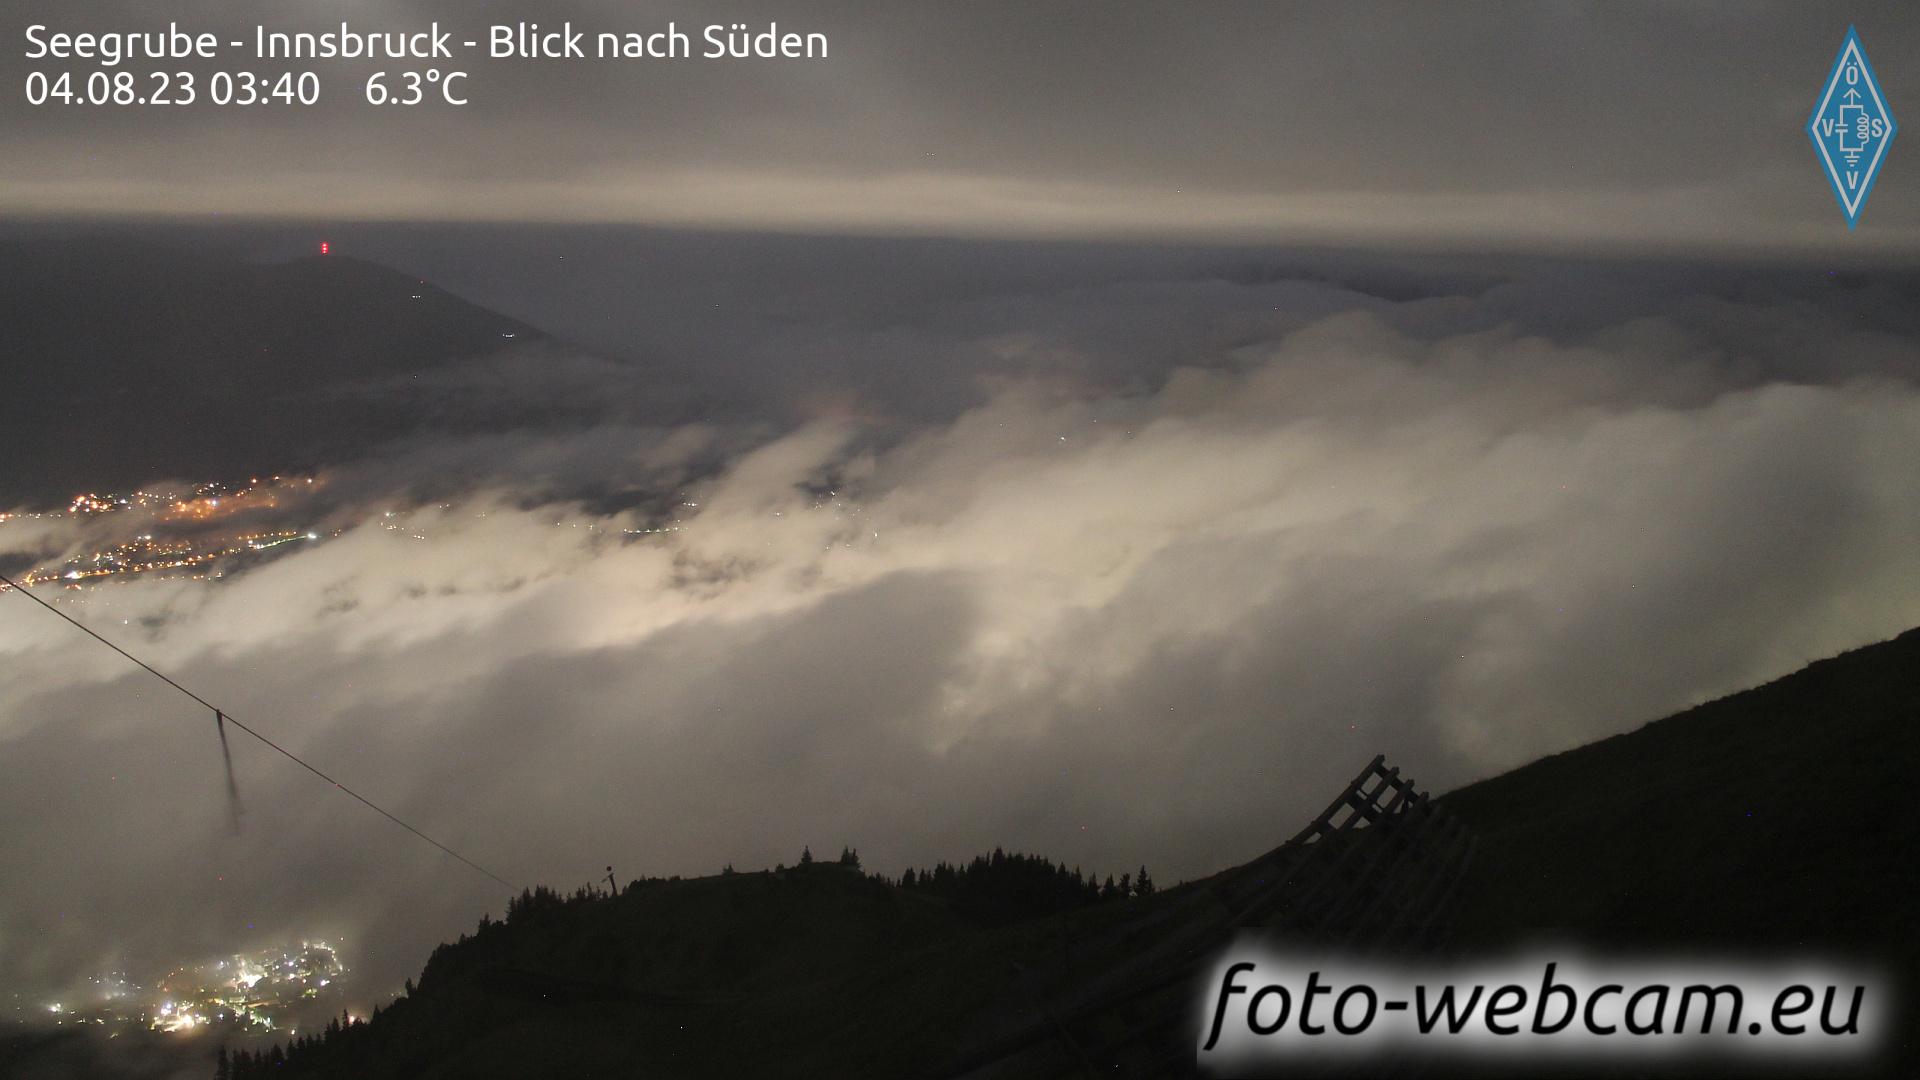 Innsbruck Thu. 03:18